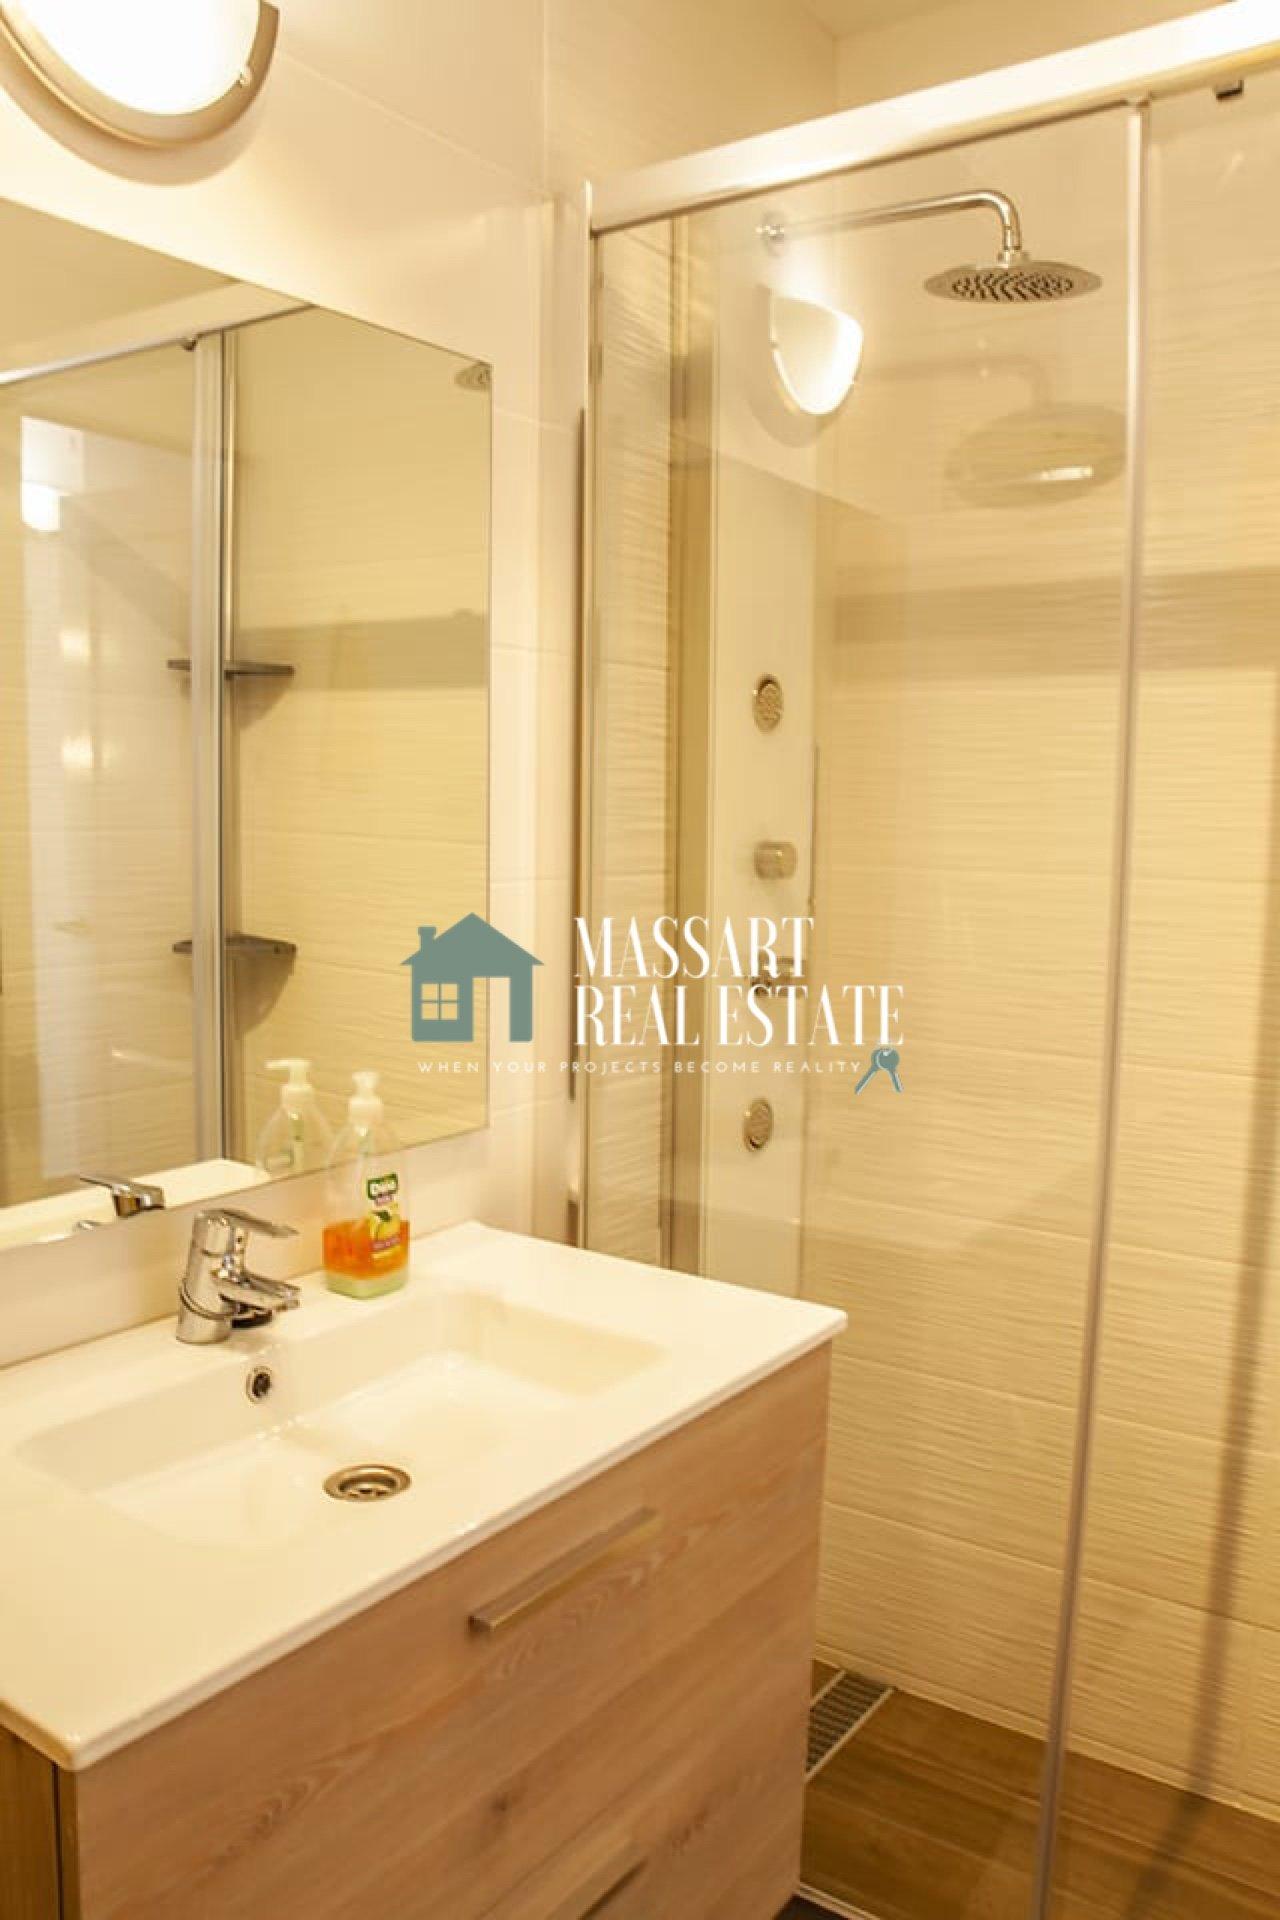 Moderno apartamento de 44 m2 en venta en Windsor Park, Torviscas Alto.